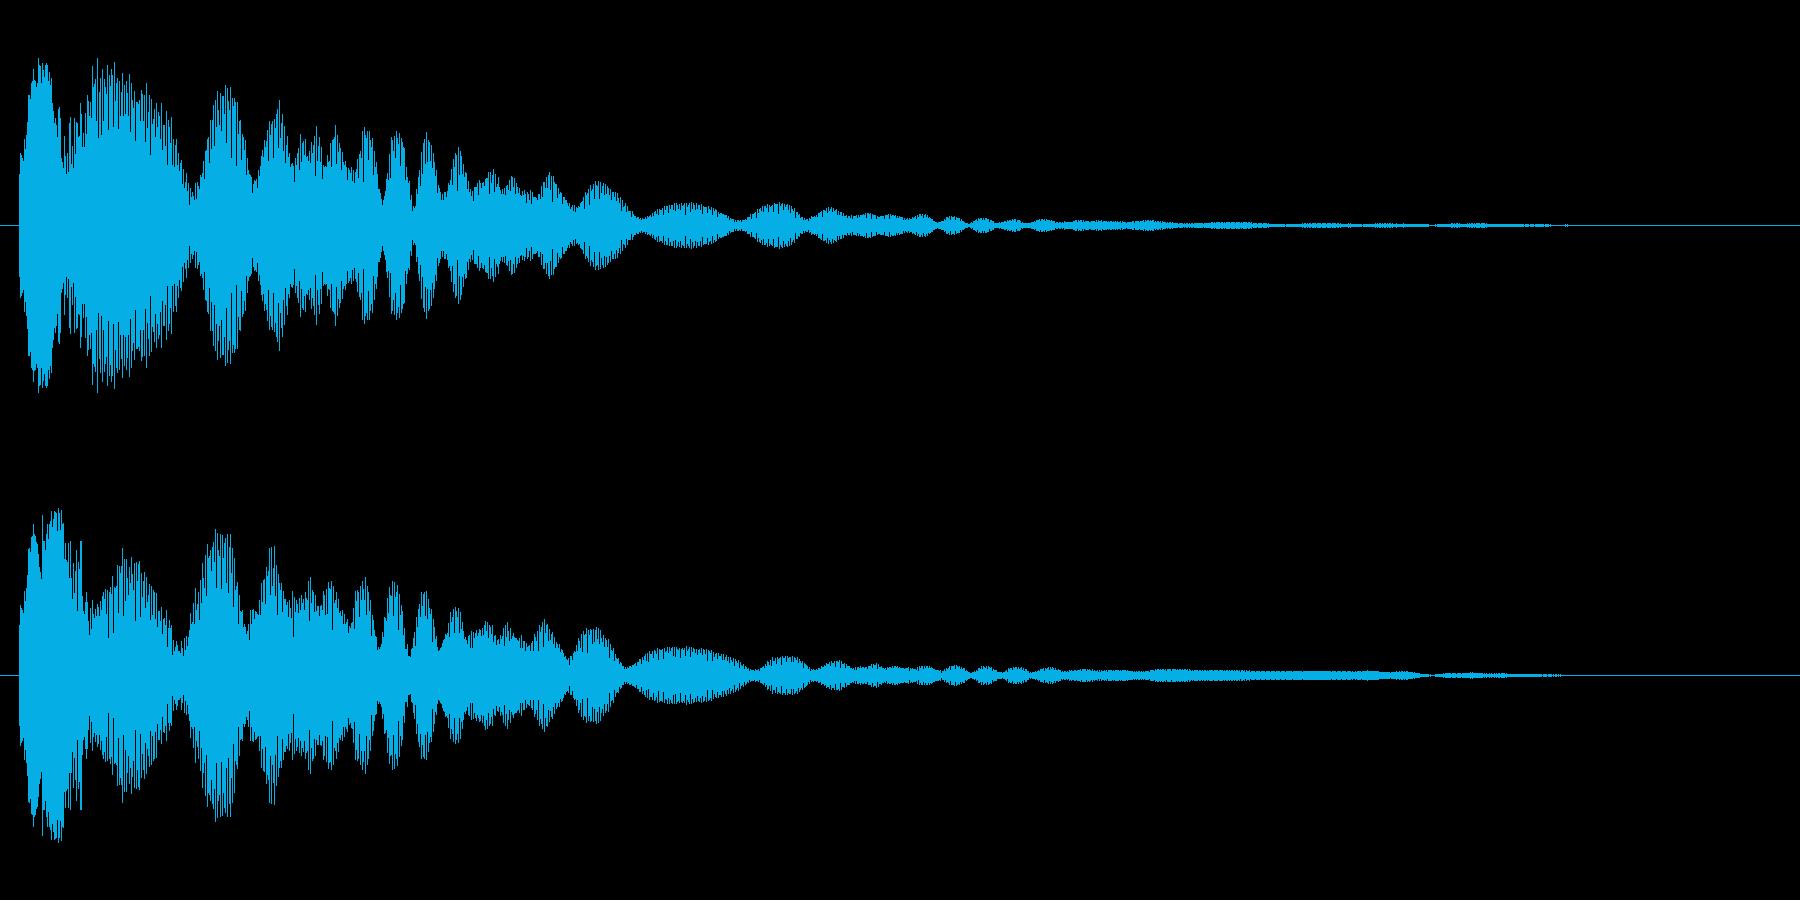 キラーン(短めの音)の再生済みの波形